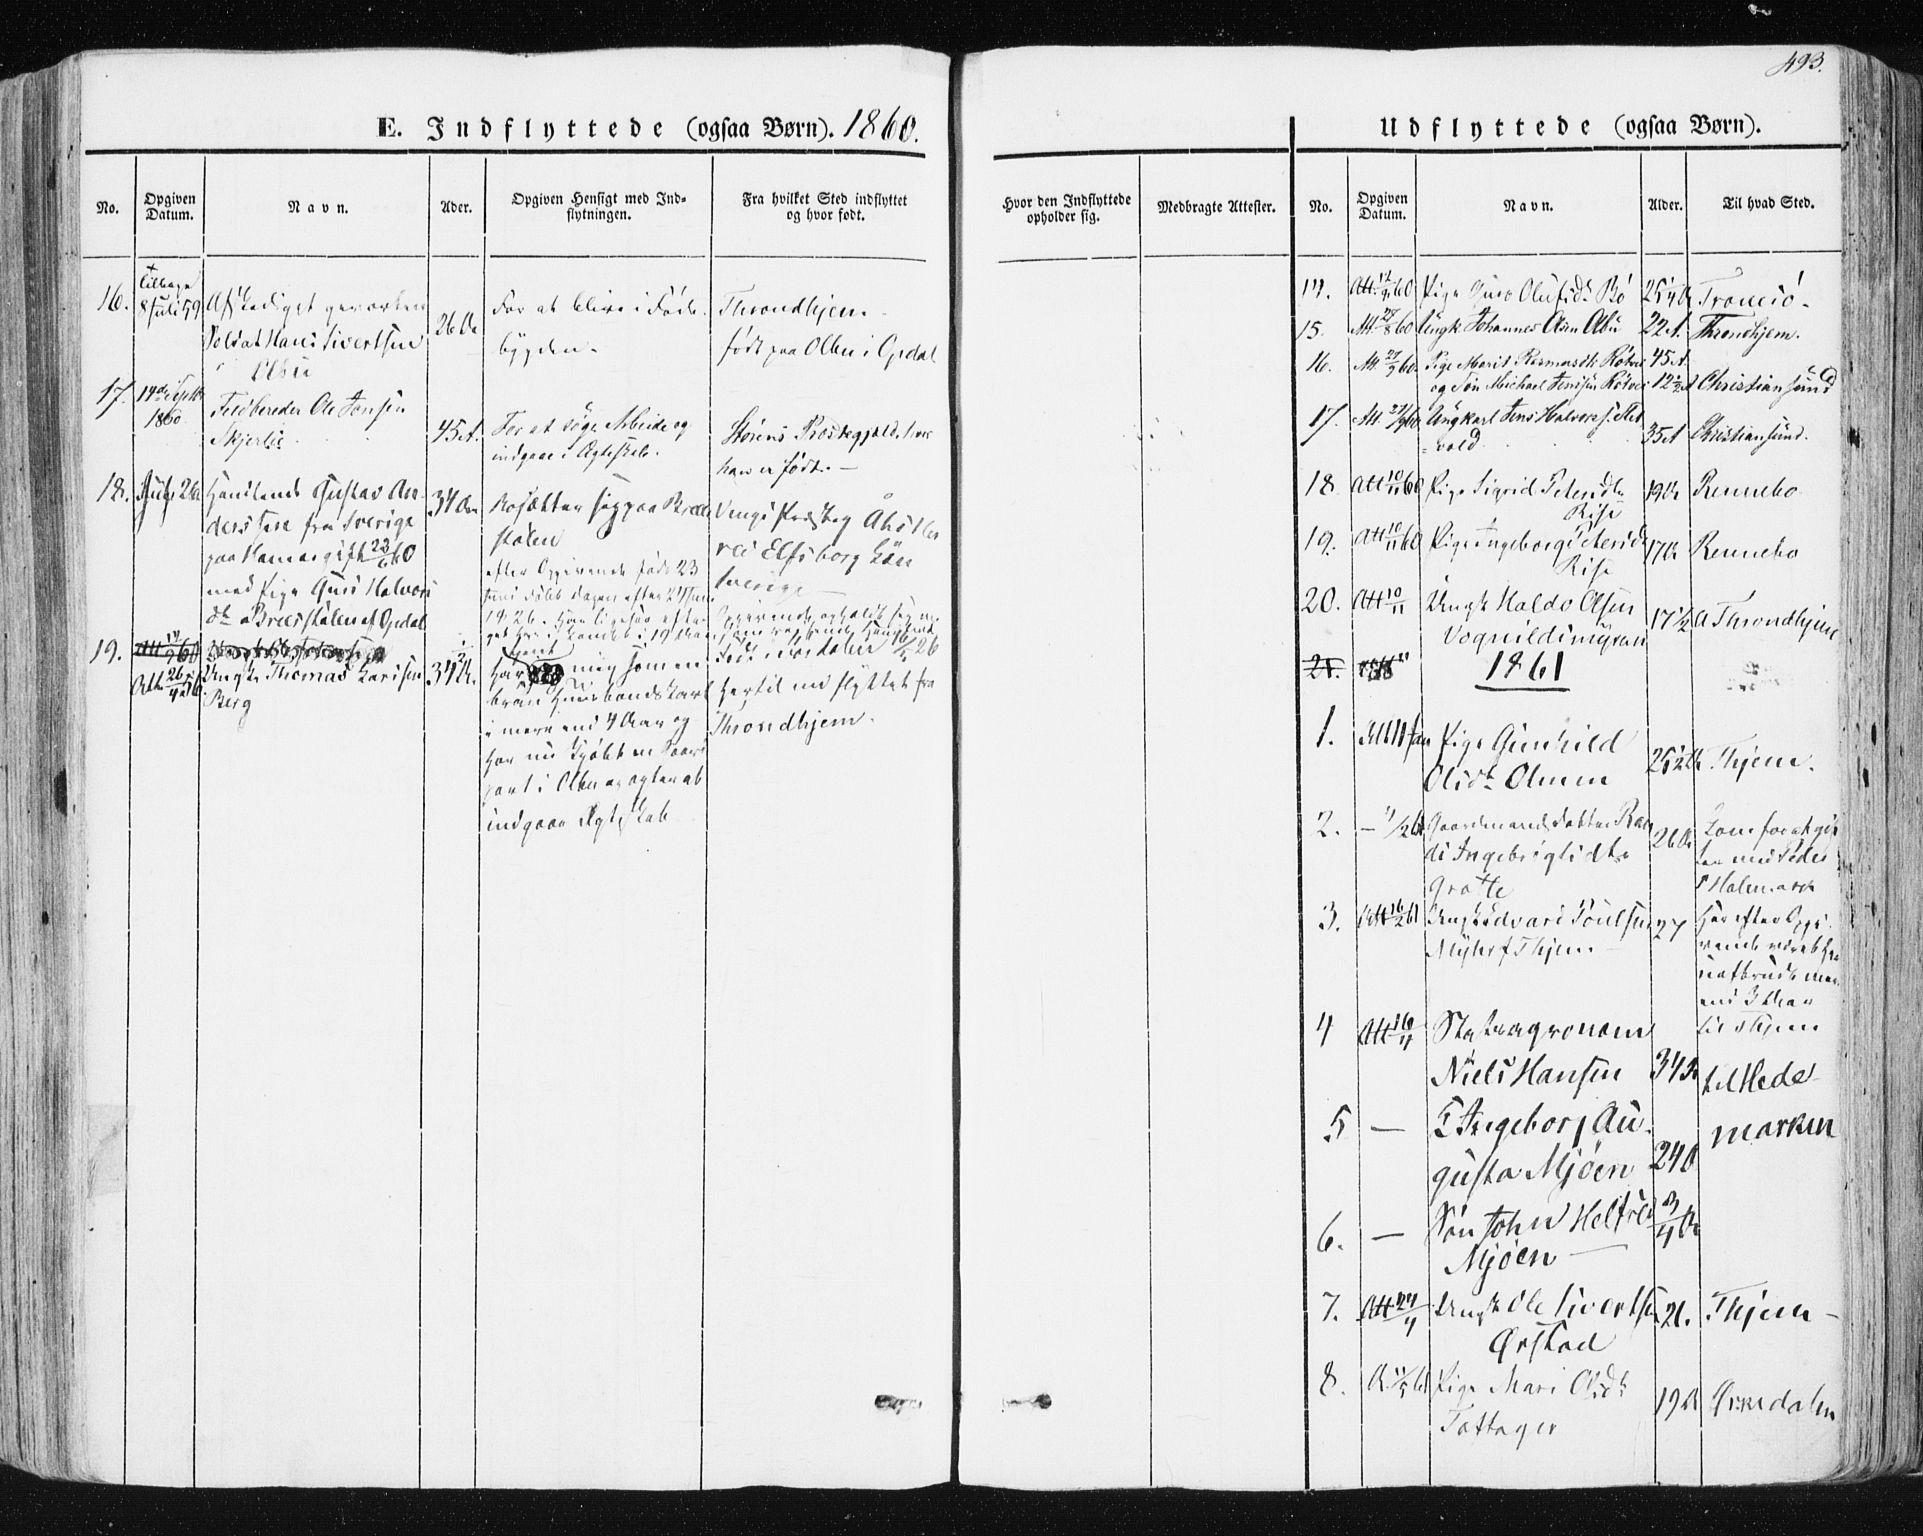 SAT, Ministerialprotokoller, klokkerbøker og fødselsregistre - Sør-Trøndelag, 678/L0899: Ministerialbok nr. 678A08, 1848-1872, s. 493